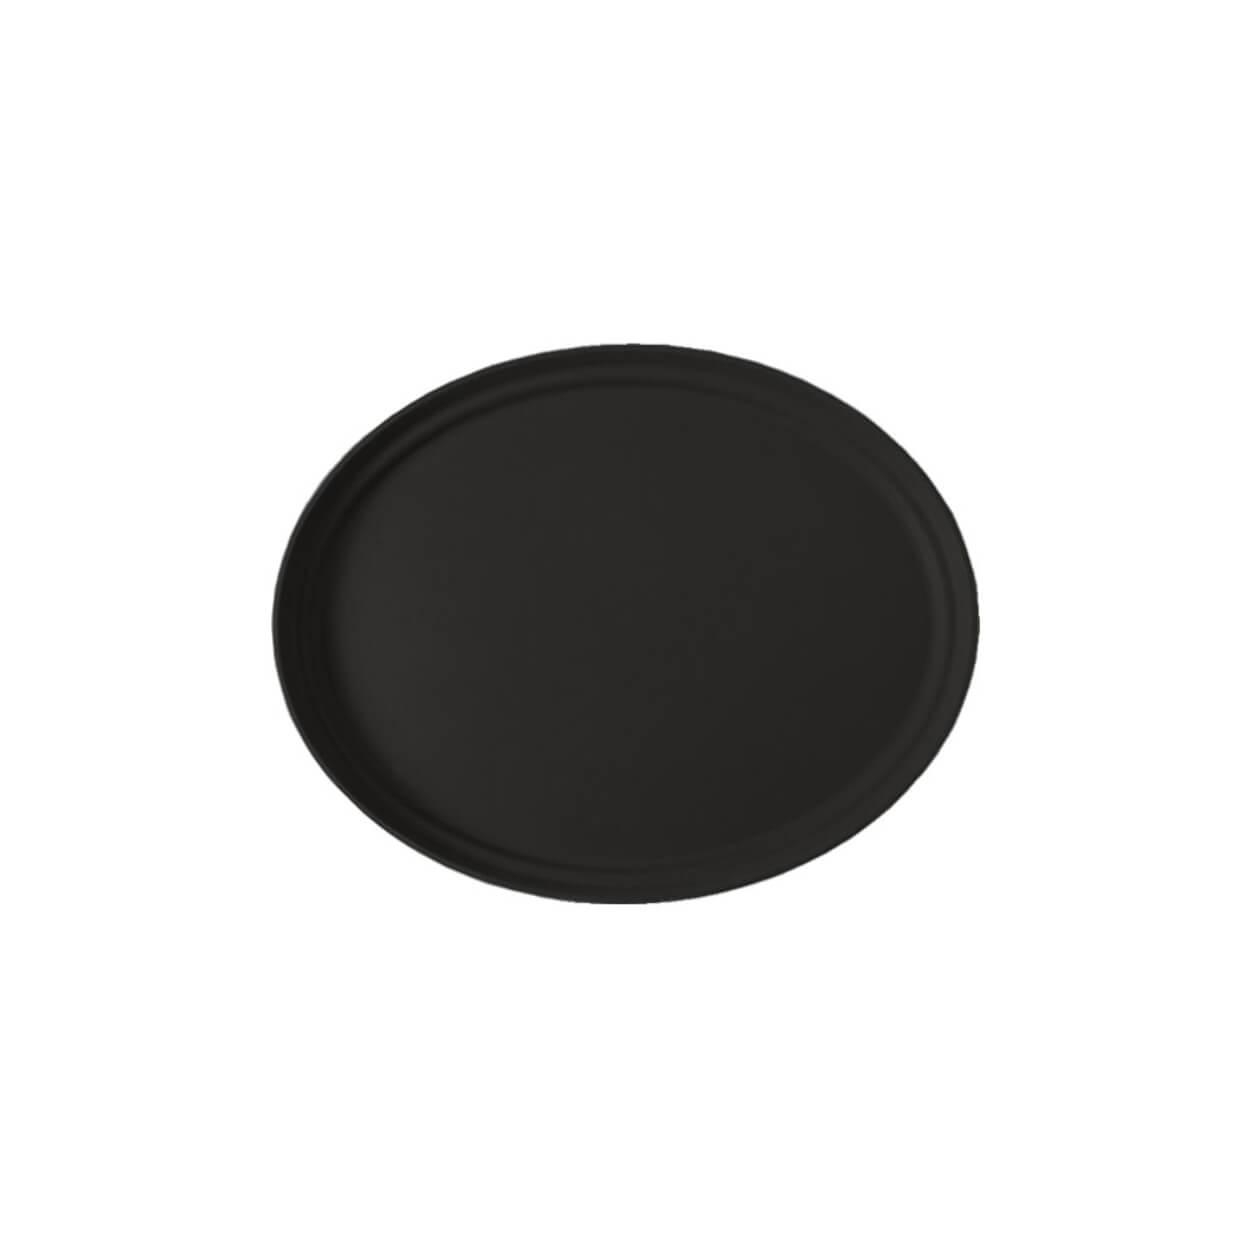 ΑΝΤΙΟΛΙΣΘΗΤΙΚΟΣ ΔΙΣΚΟΣ FIBERGLASS ΟΒΑΛ 59×49εκ